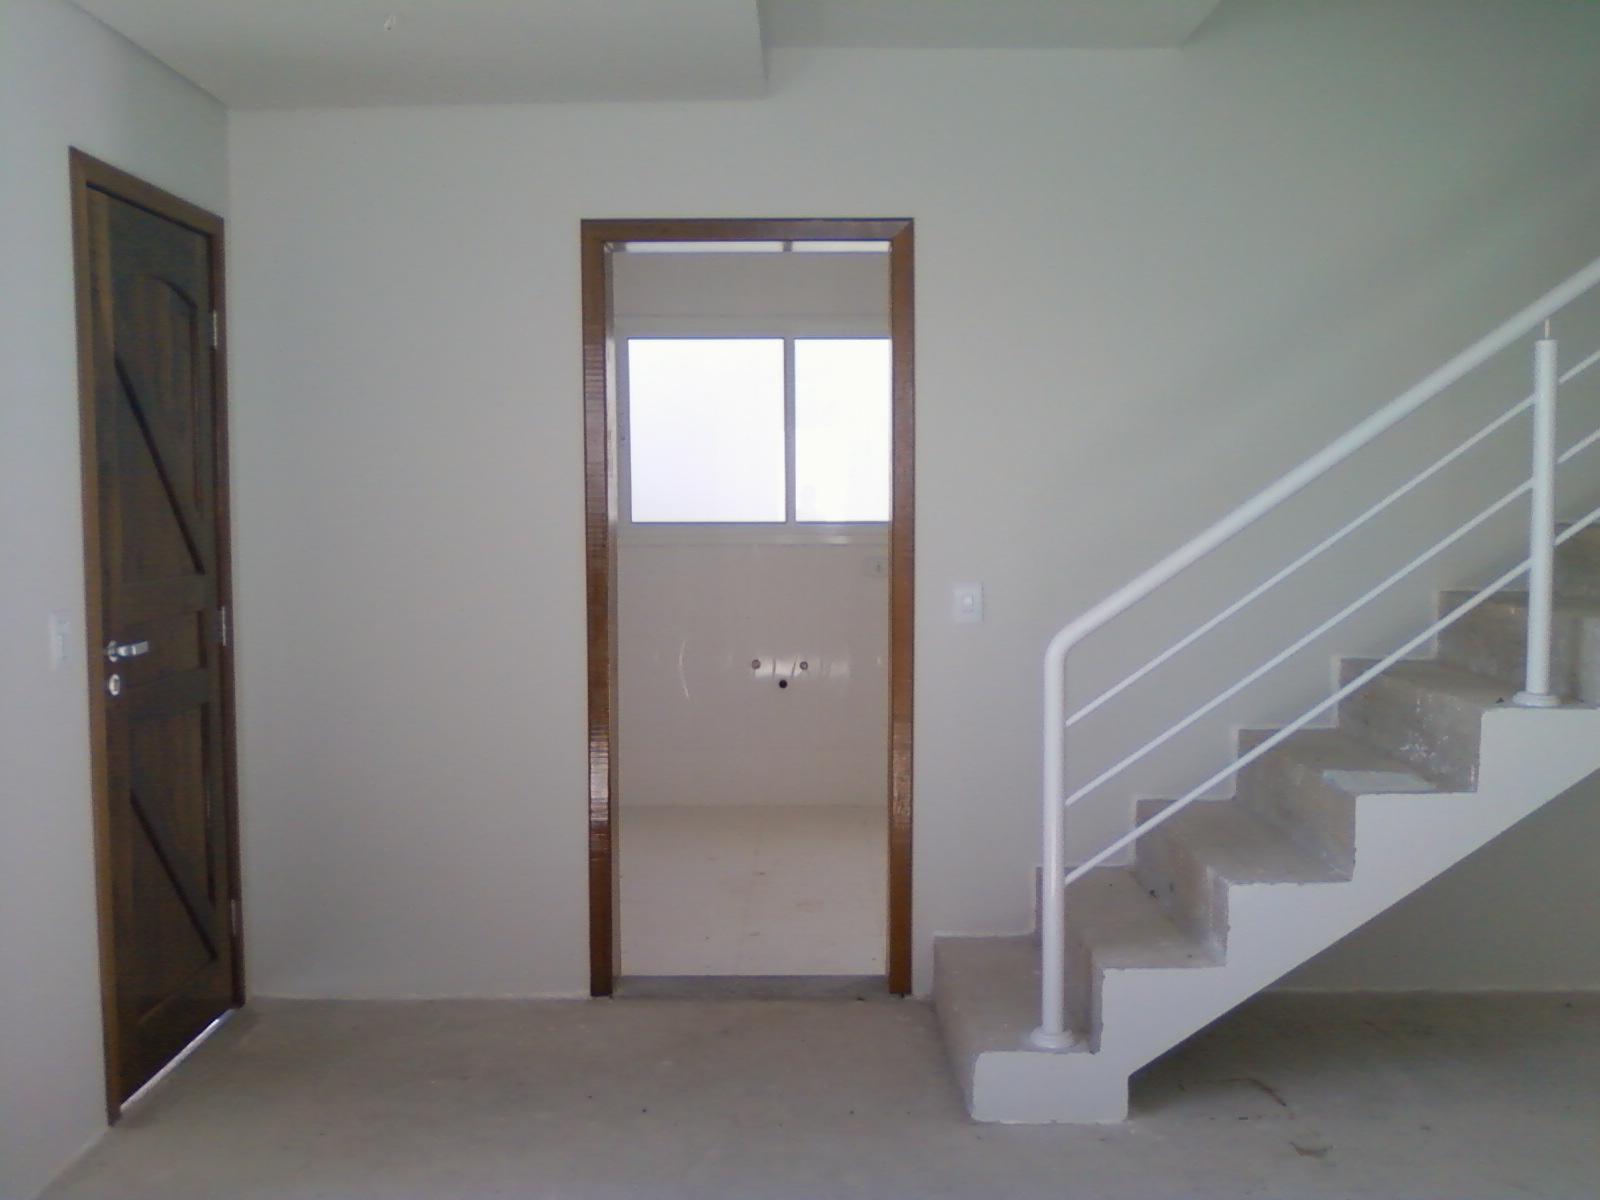 Escada e Lavabo Que tal um armário embaixo dessa escada??? #5D4D44 1600 1200